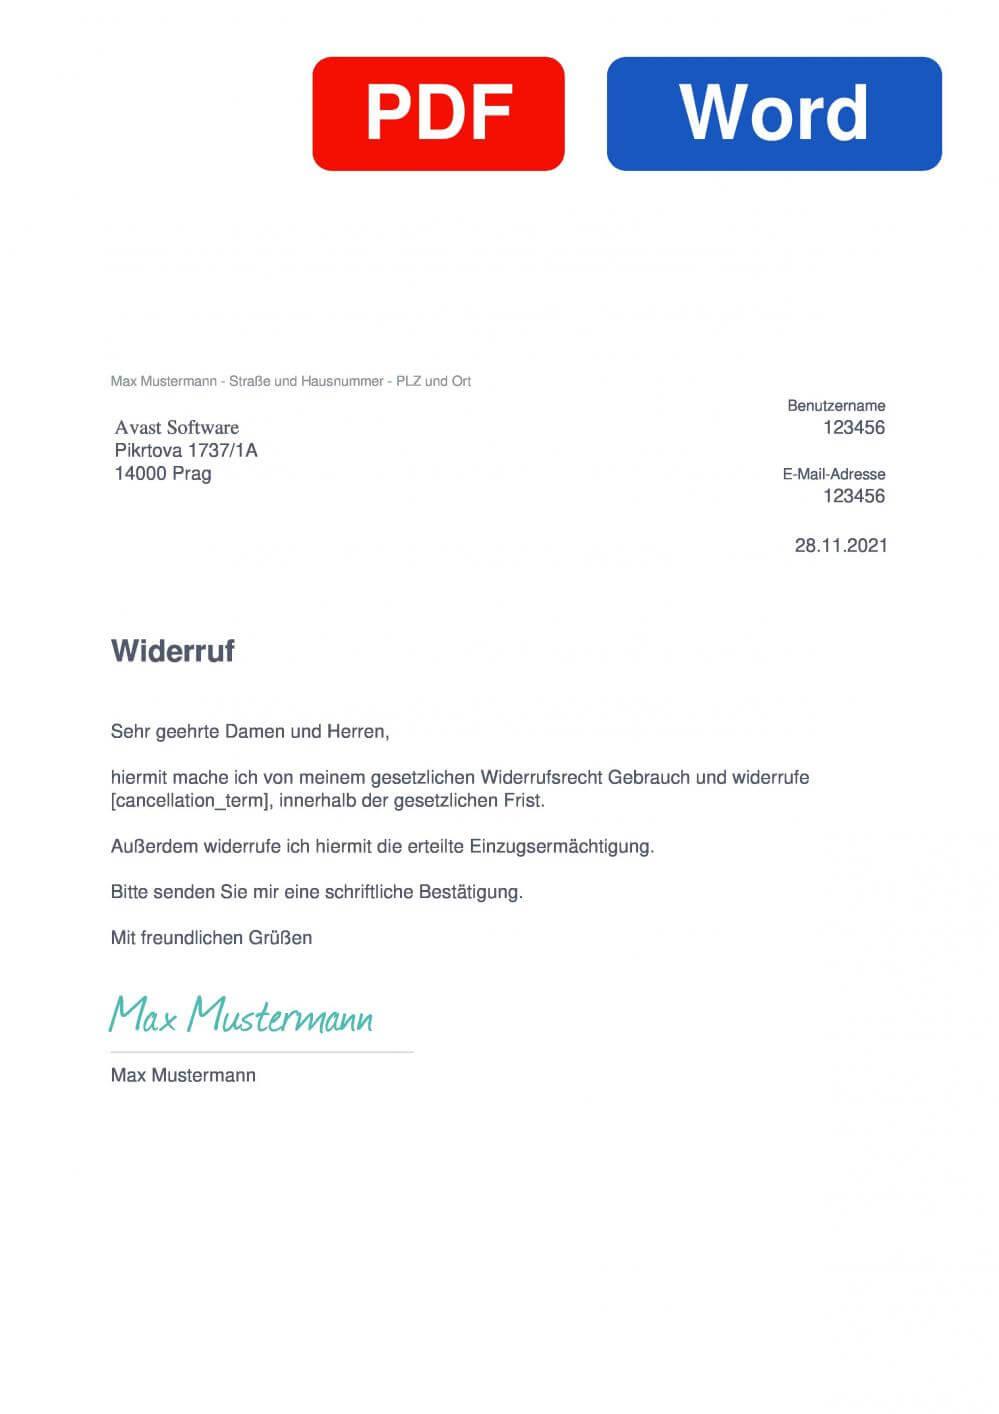 Avast Muster Vorlage für Wiederrufsschreiben